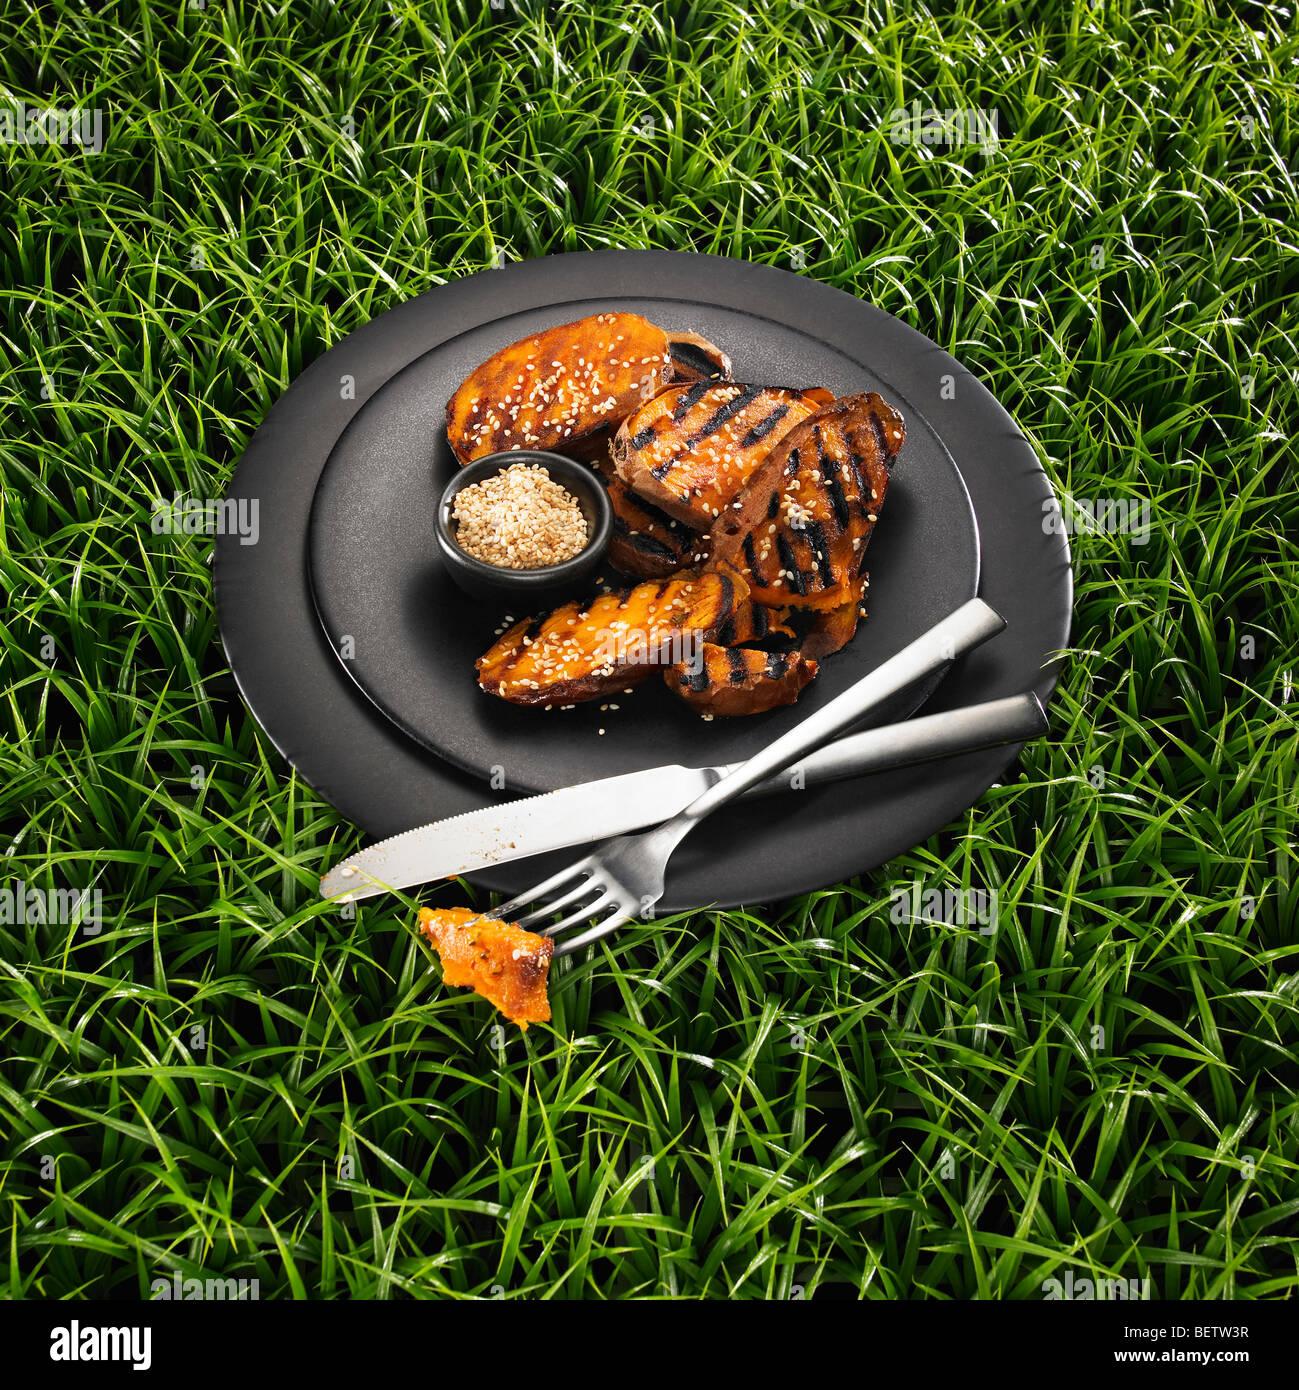 La patate douce, sauce aux graines de sésame sur une plaque noire et un fond d'herbe. Photo Stock